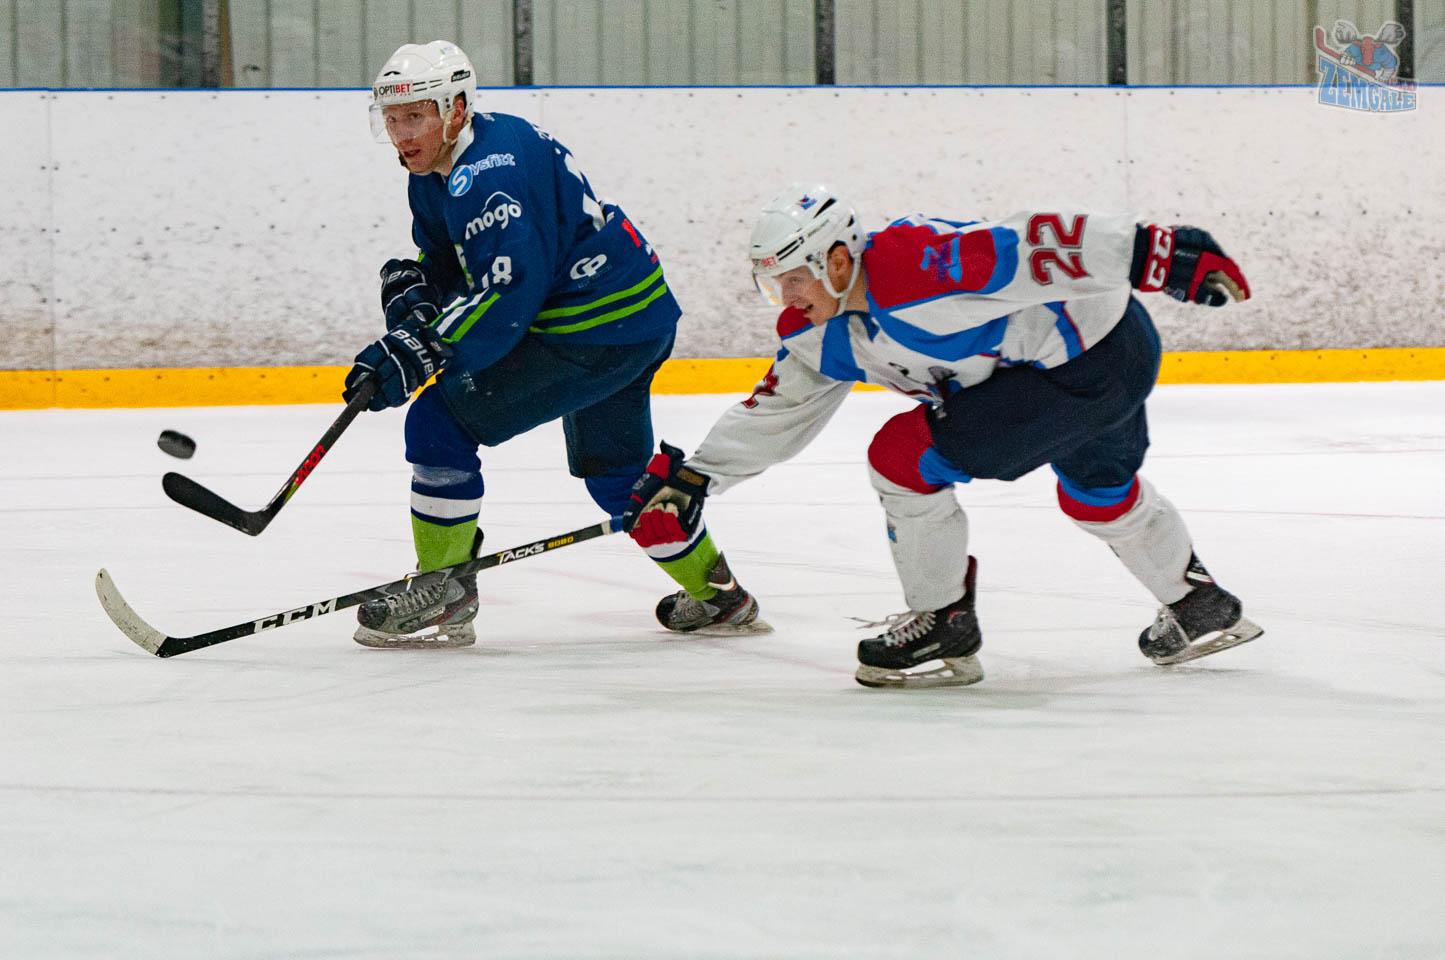 Hokejists mēģina traucēt ripas lidojumu